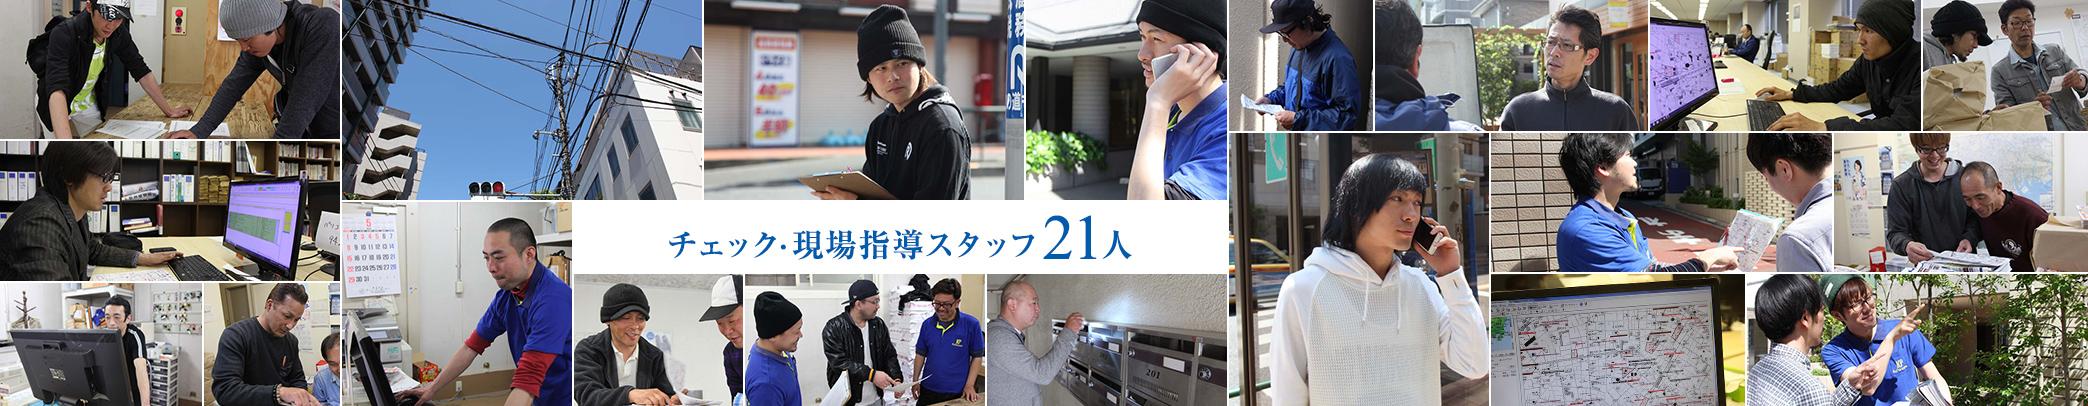 チェック・現場指導スタッフ21人